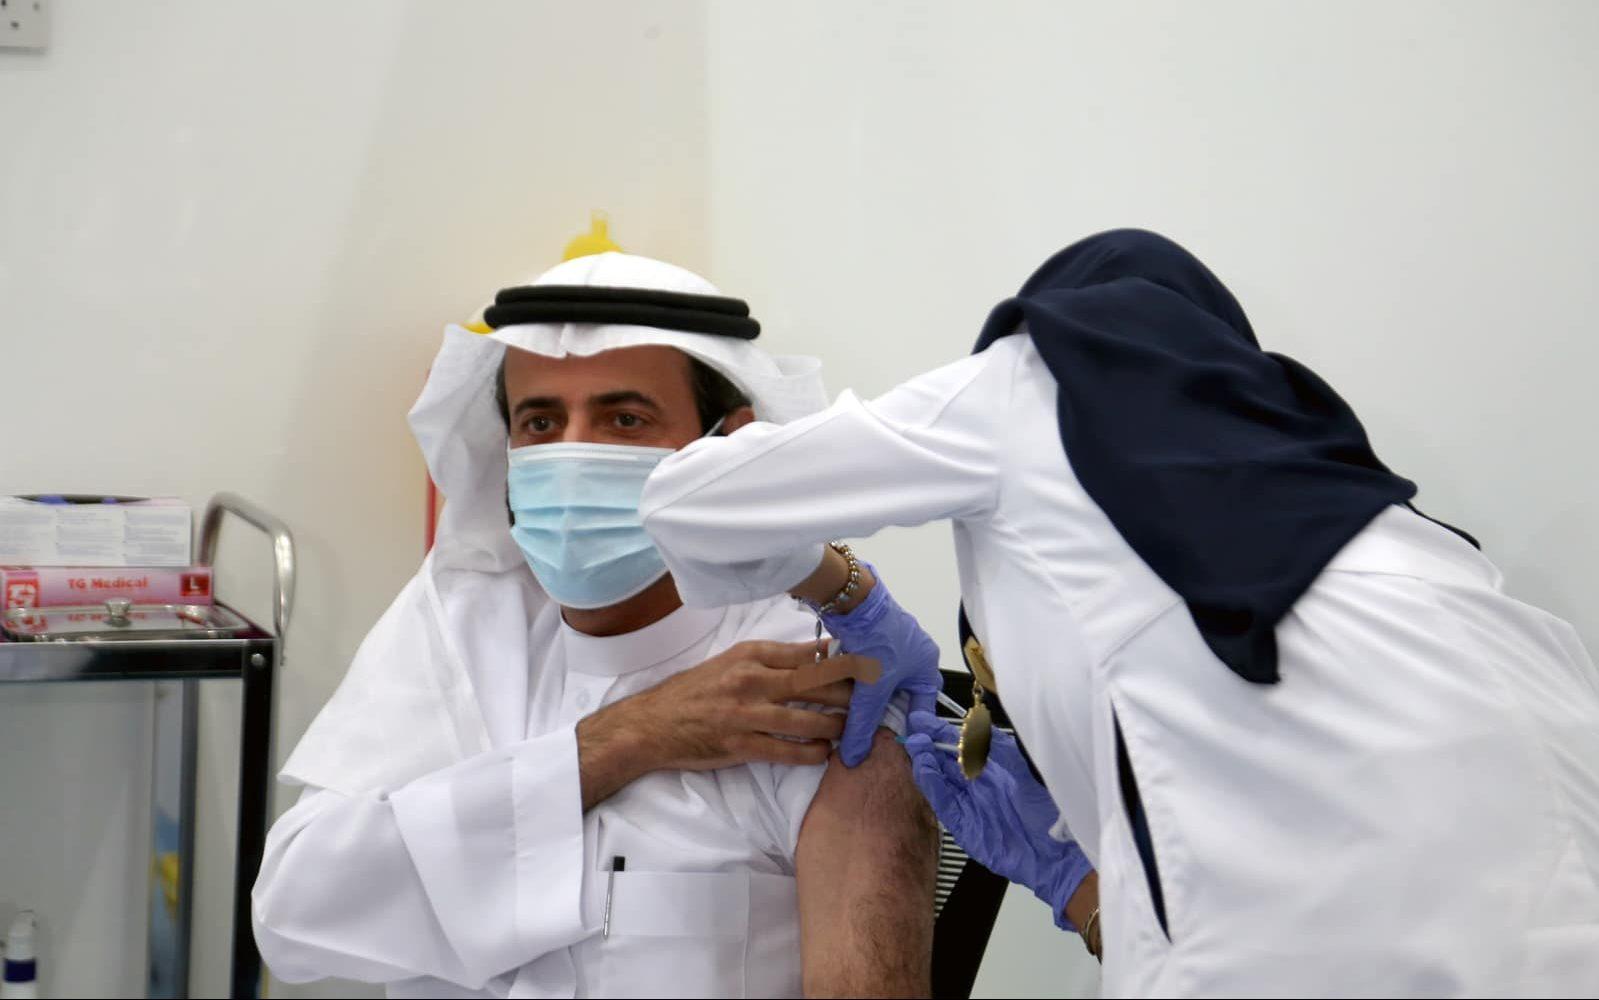 """""""الصحة"""" تُطلق المرحلة الثانية للتطعيم ضد كورونا 1 19/2/2021 - 10:01 م"""